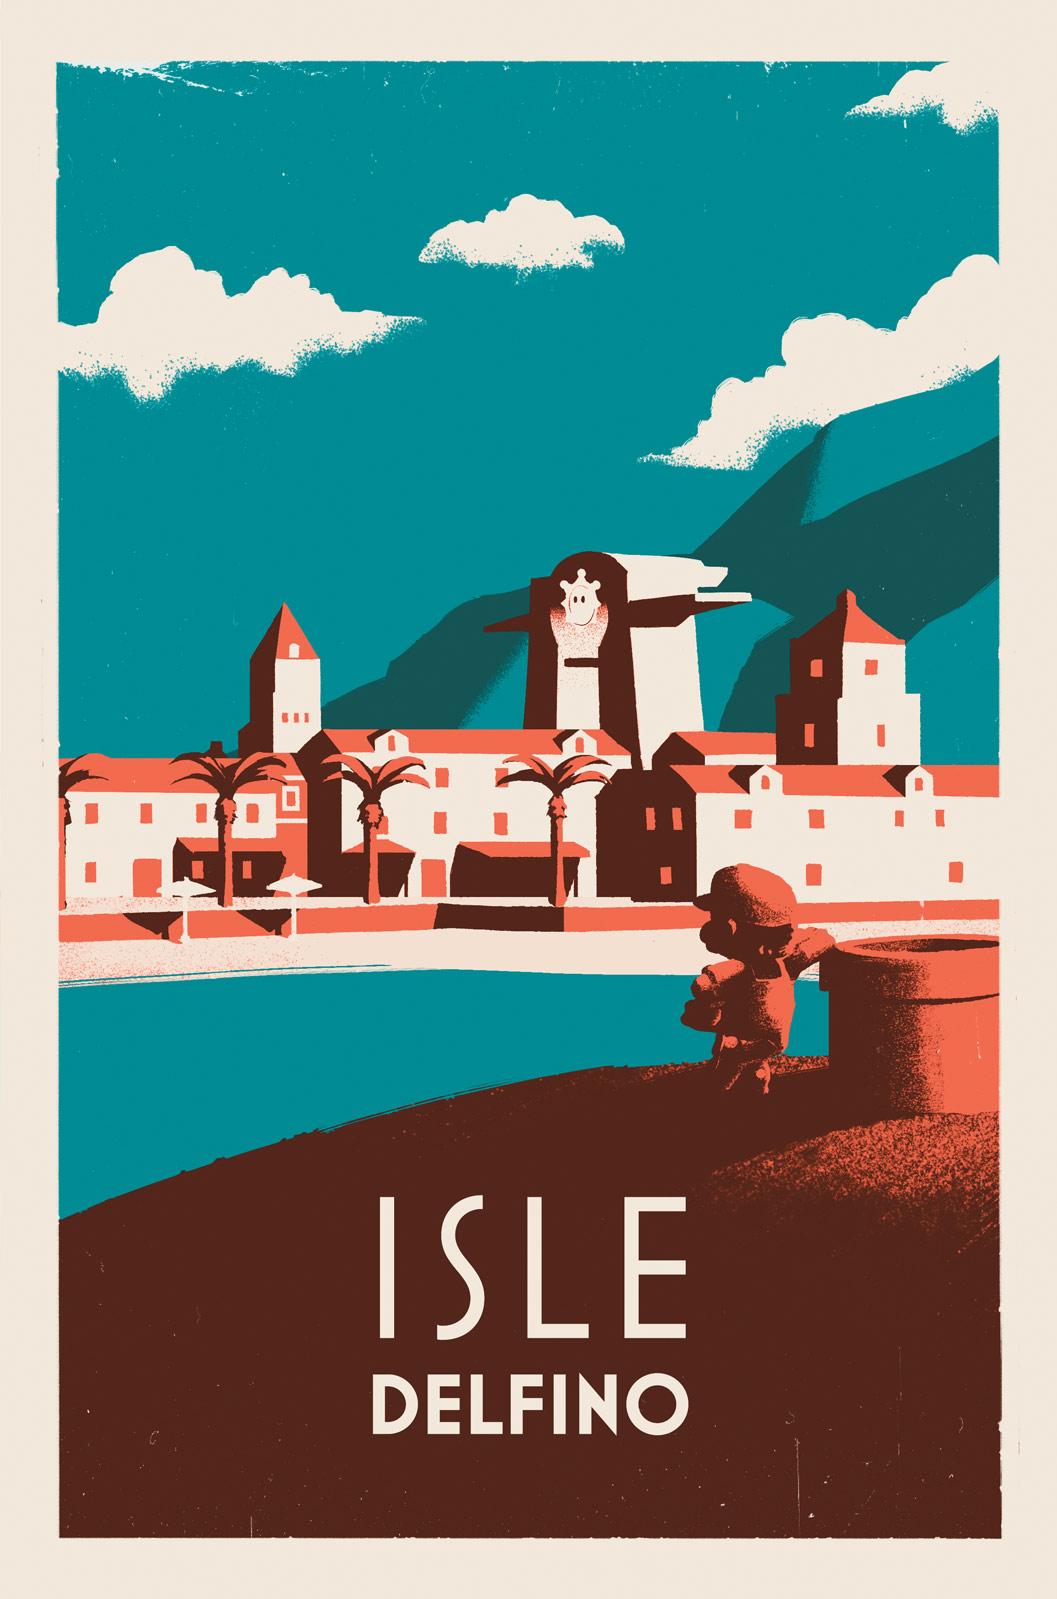 Isle Delfino by 2dforever